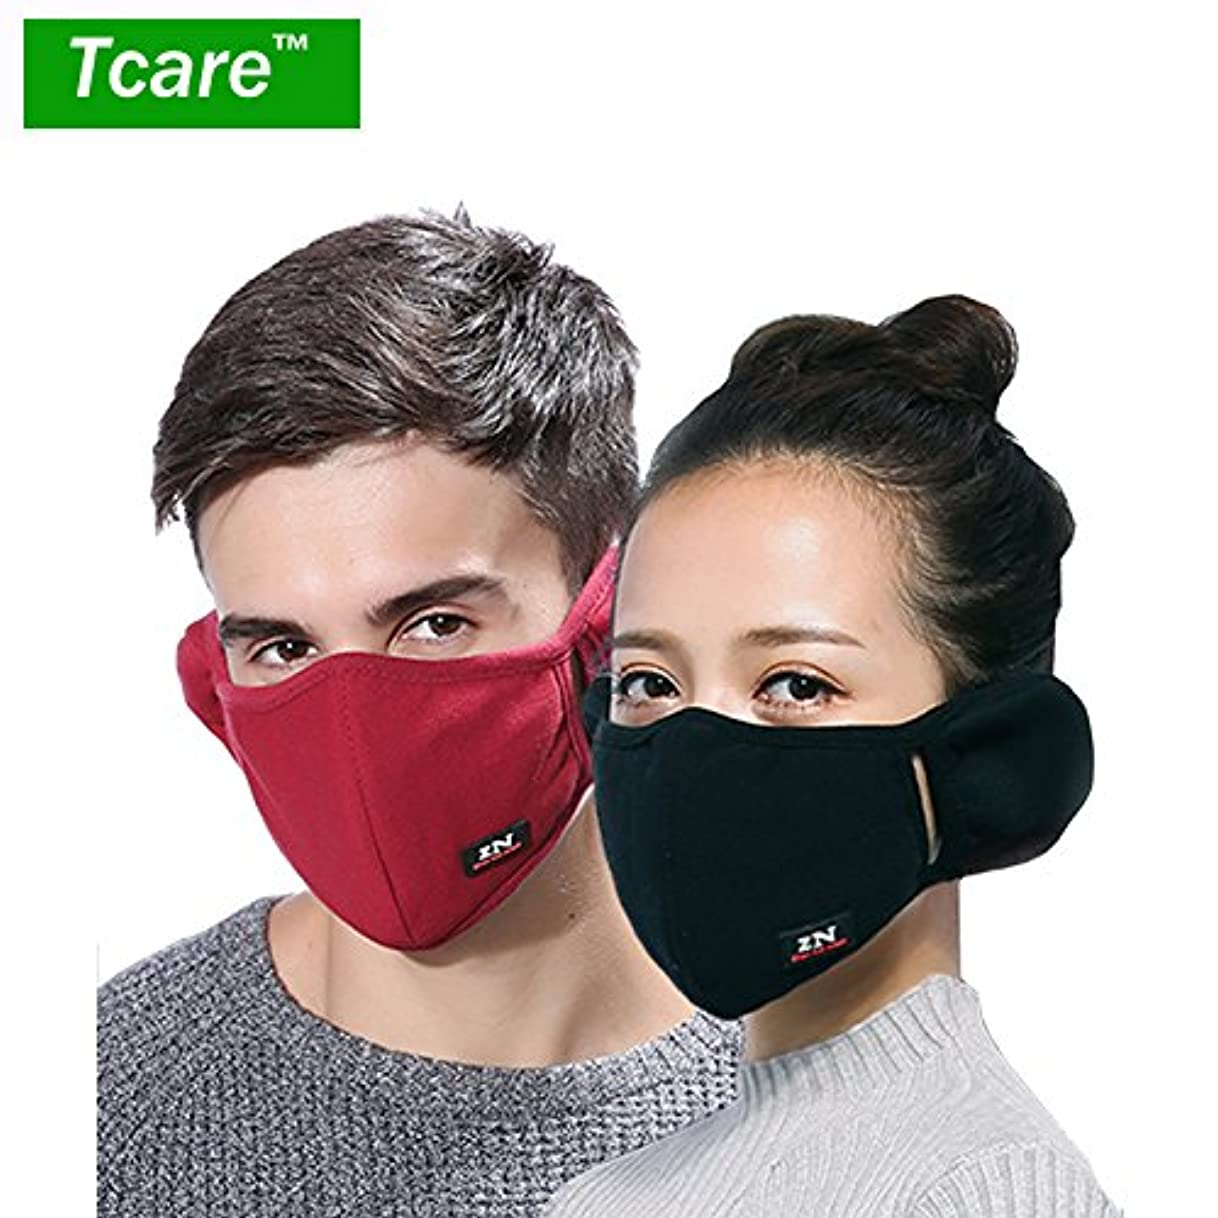 男性女性の少年少女のためのTcare呼吸器2レイヤピュアコットン保護フィルター挿入口:10紺